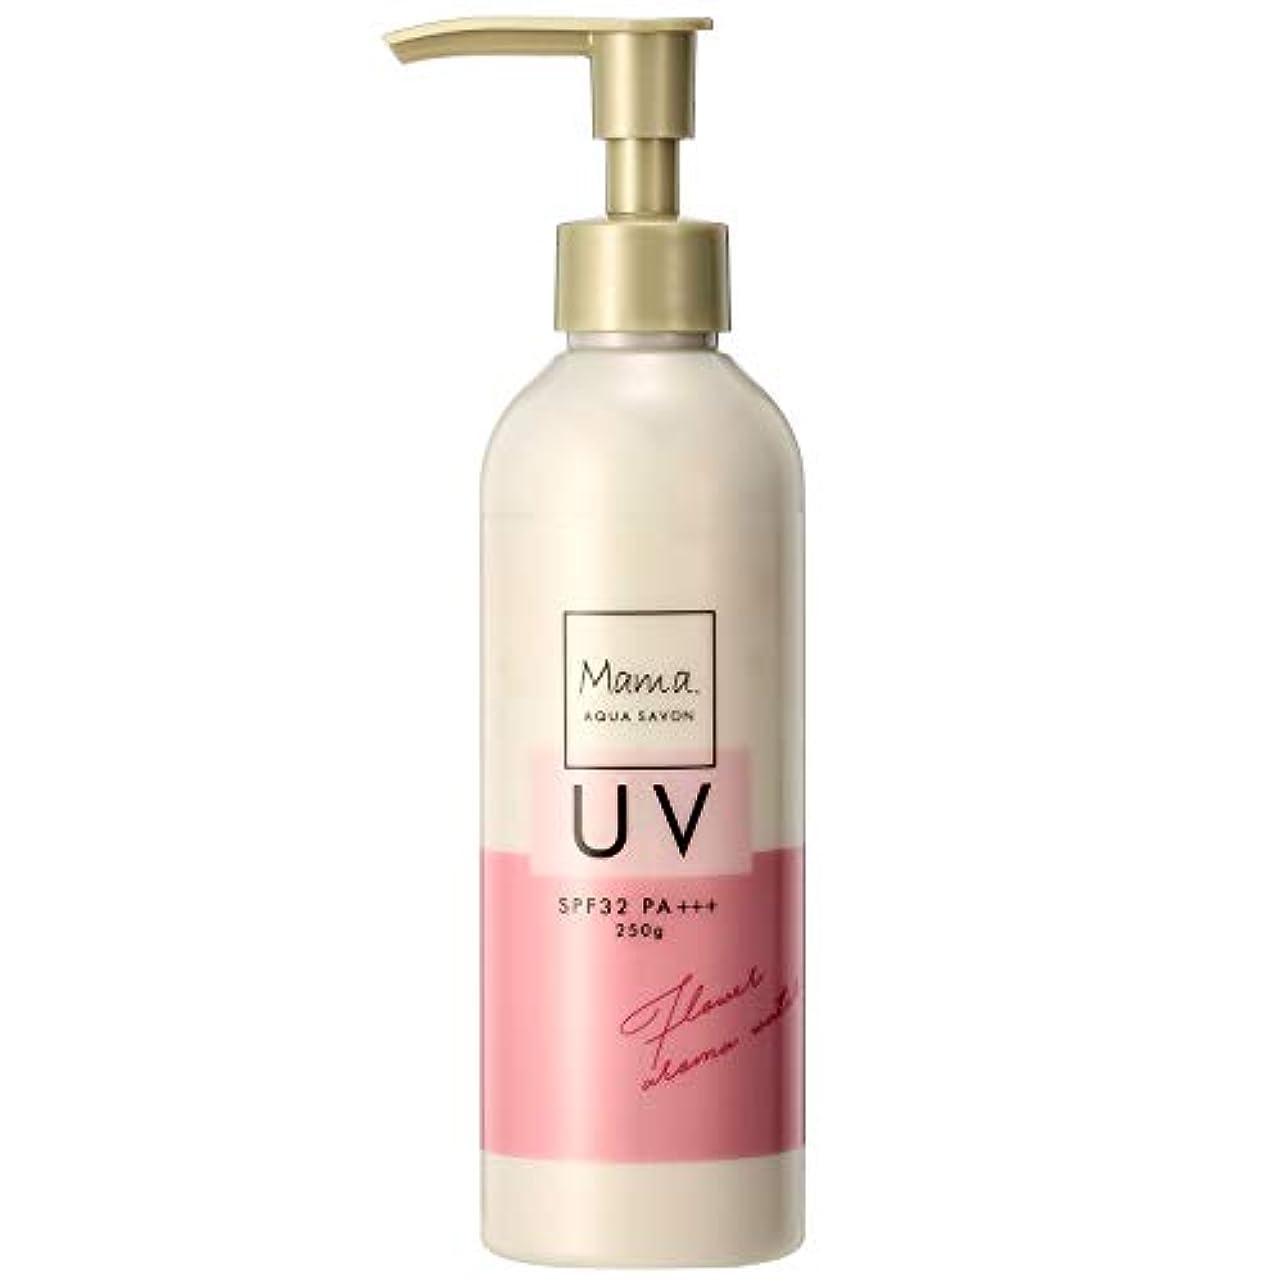 設計講義満足ママアクアシャボン UVモイストジェル フラワーアロマウォーターの香り 19S 250g